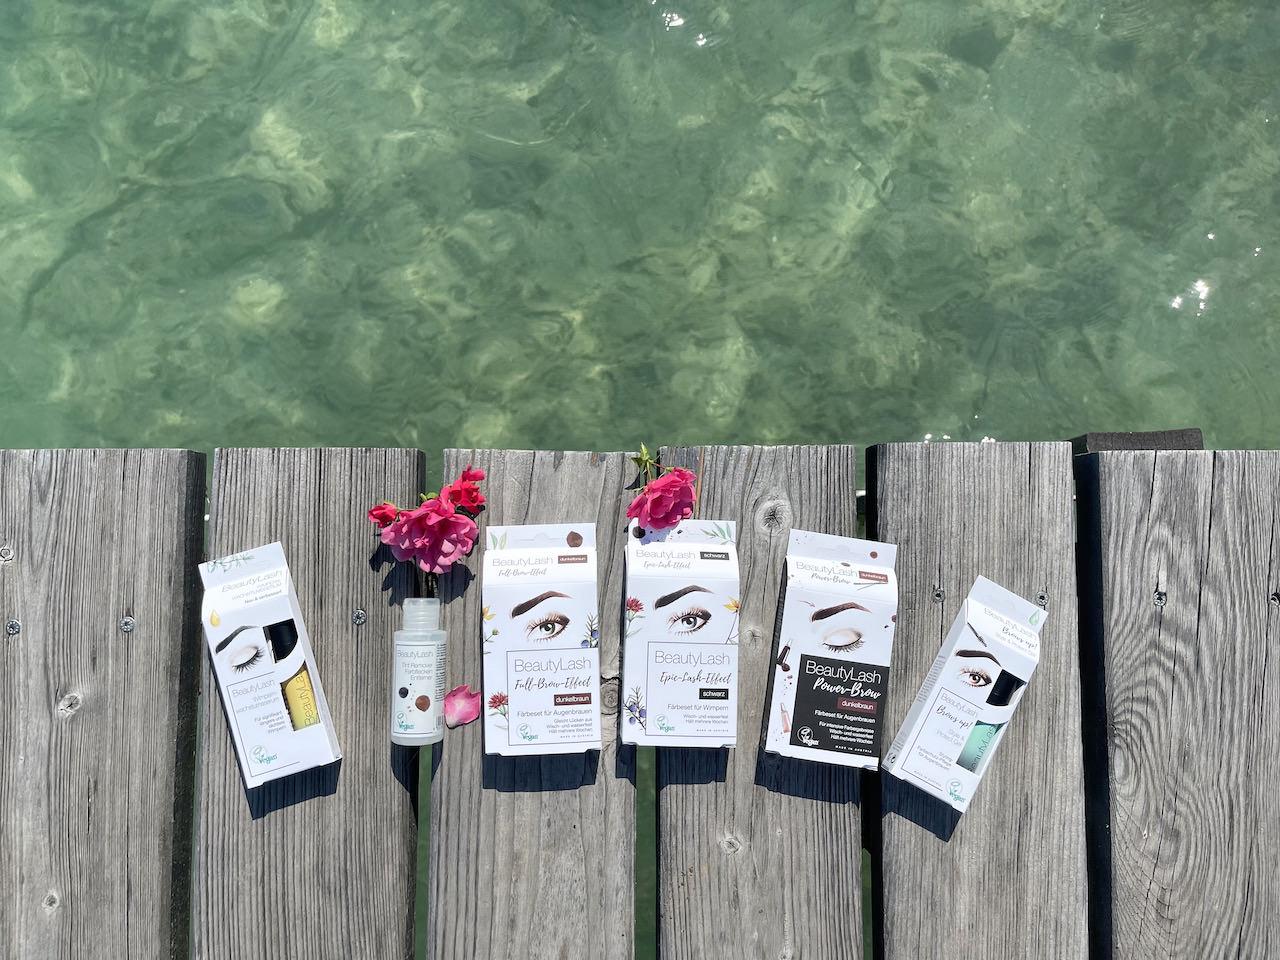 Die Produkte von Beautylash, Augenbrauenfarben und noch viele mehr - für die perfekt gestylten Augenbrauen und Wimpern